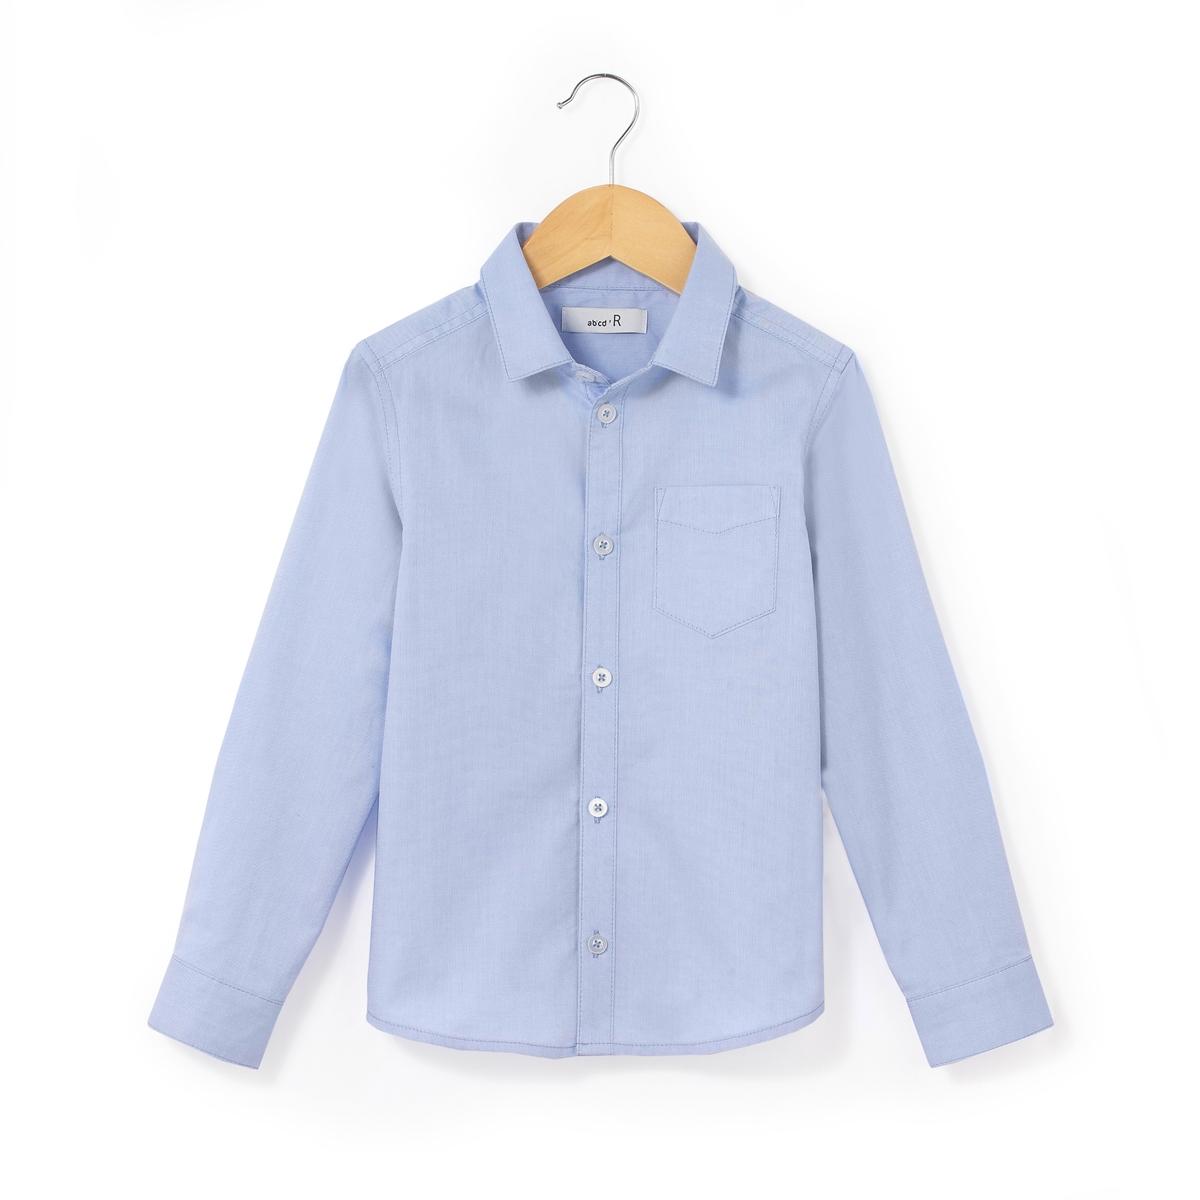 Рубашка-оксфорд с длинными рукавами, 3-12 летРубашка-оксфорд, 100% хлопок. Длинные рукава с пуговицами внизу. Нагрудный карман. Закругленный низ. Состав и описание : Материал       ткань оксфорд, 100% хлопокМарка       R essentiel  Уход :Машинная стирка при 40 °С с вещами схожих цветовСтирать и гладить с изнаночной стороныМашинная сушка в умеренном режимеГладить при низкой температуре<br><br>Цвет: синий<br>Размер: 3 года - 94 см.5 лет - 108 см.4 года - 102 см